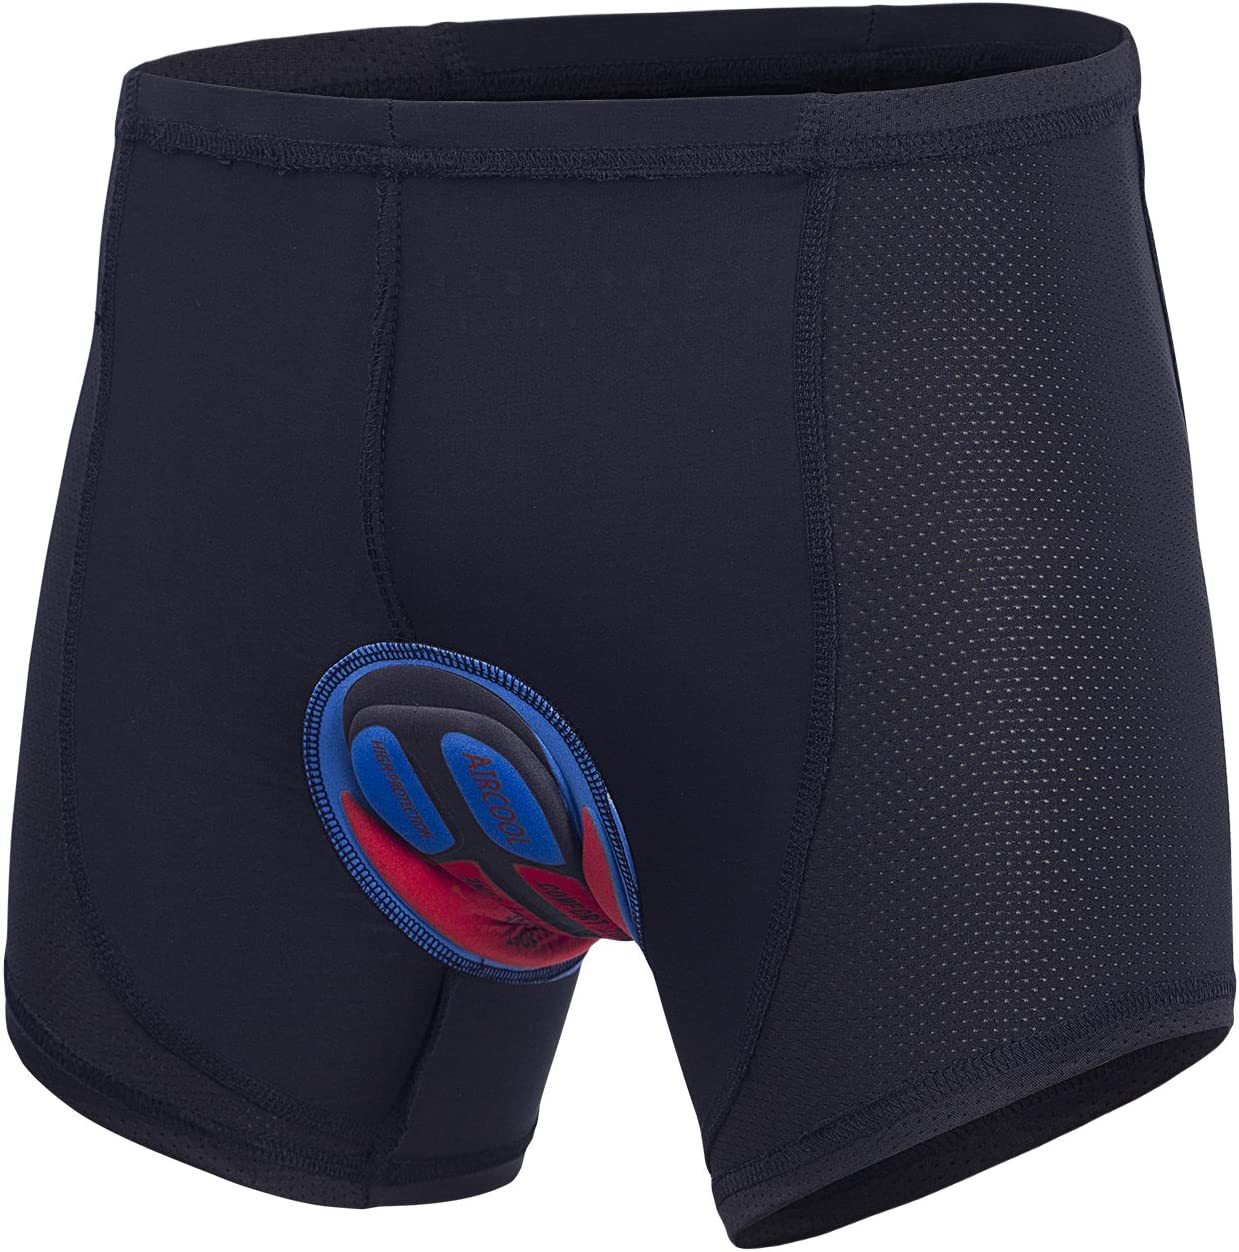 Hivexagon Gel Pantalones Cortos de Ciclismo Ropa Interior Pantalones de Ciclismo Acolchados